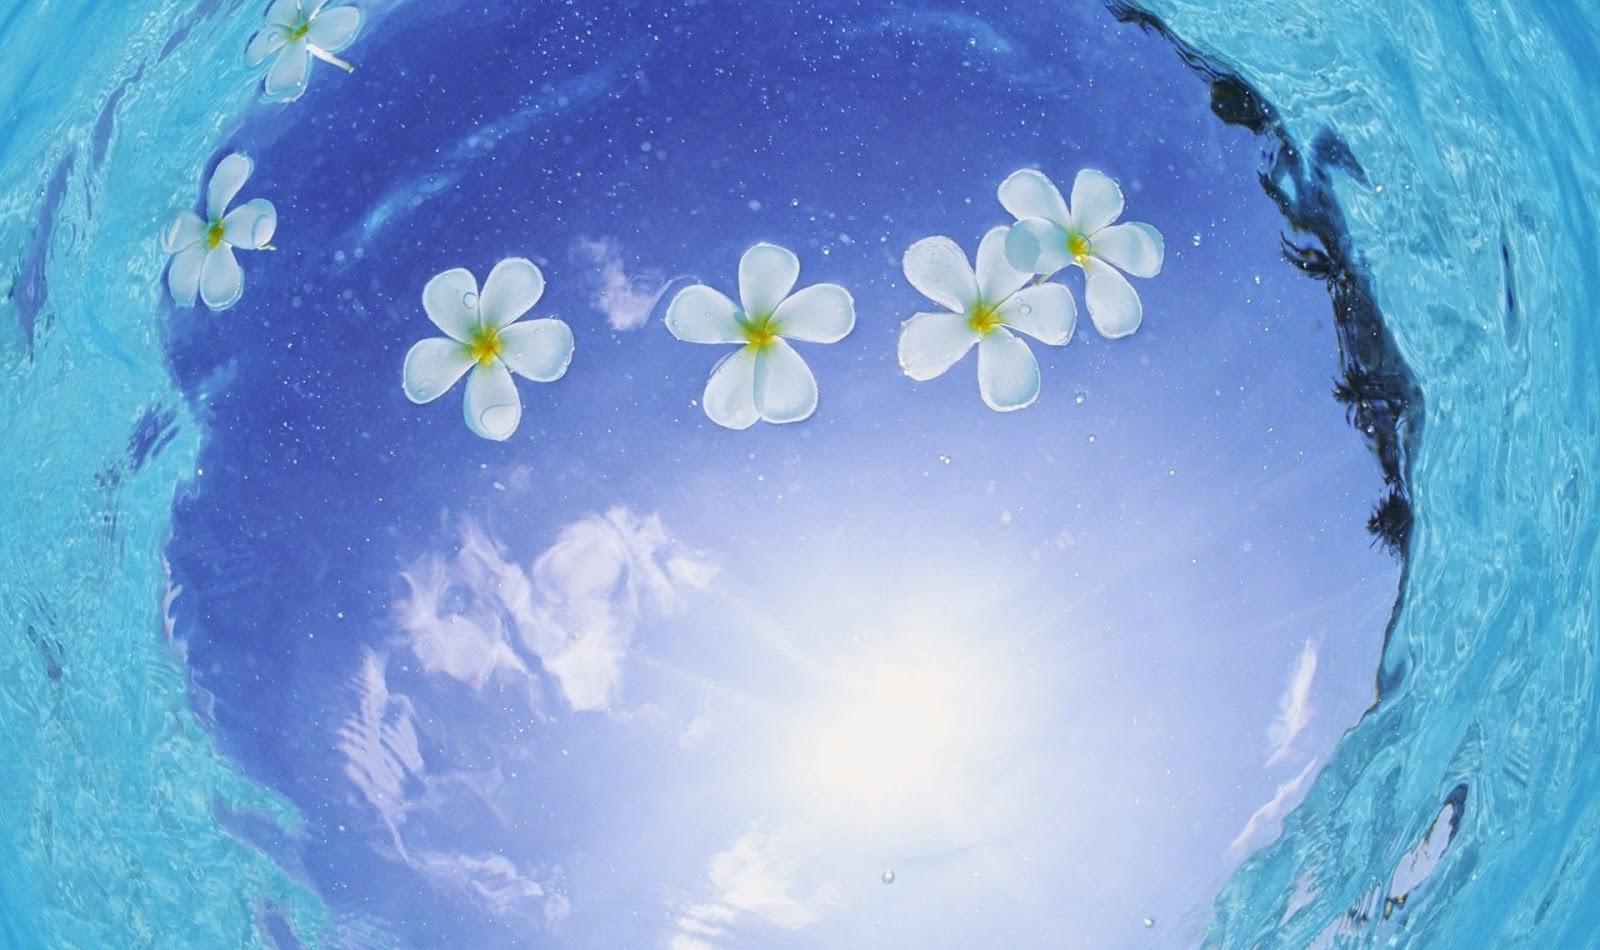 Onderwater wallpaper met bloemen in het water